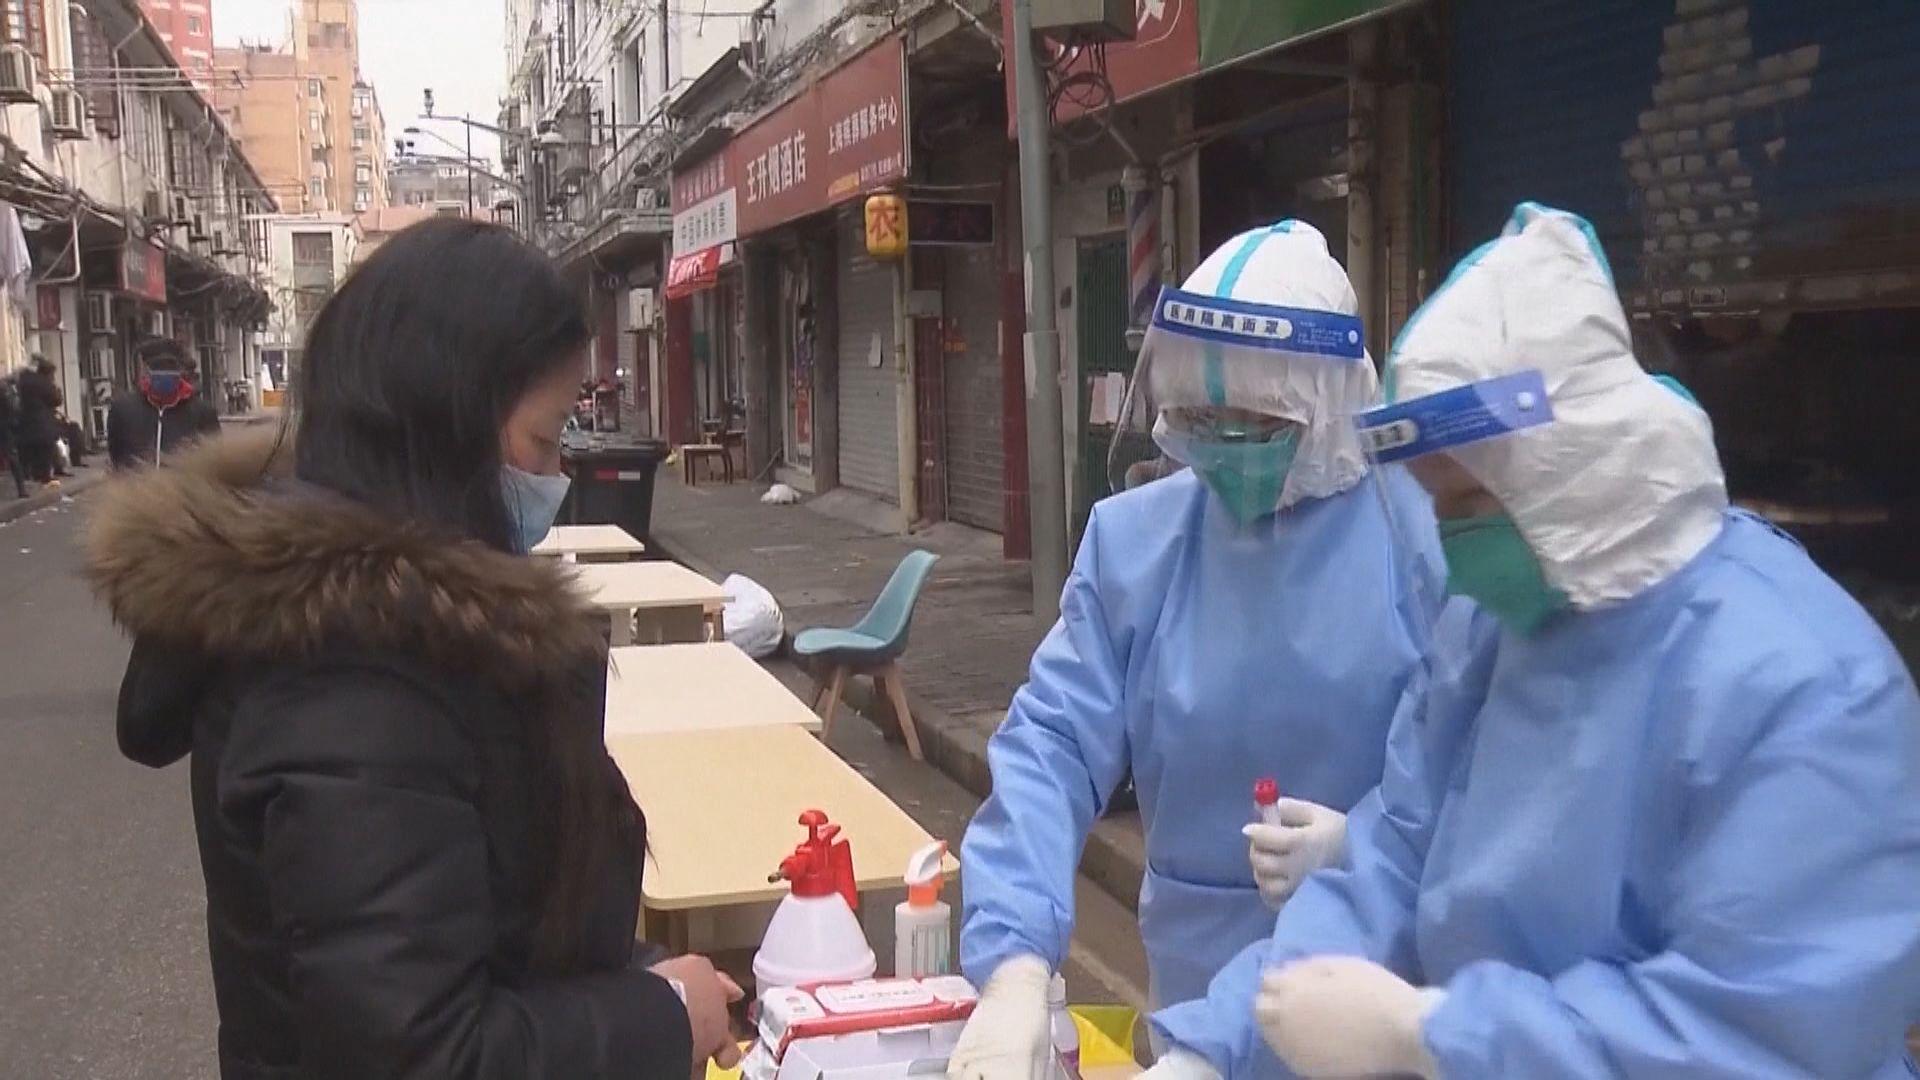 內地新增117宗新冠病毒本地確診 吉林佔67宗